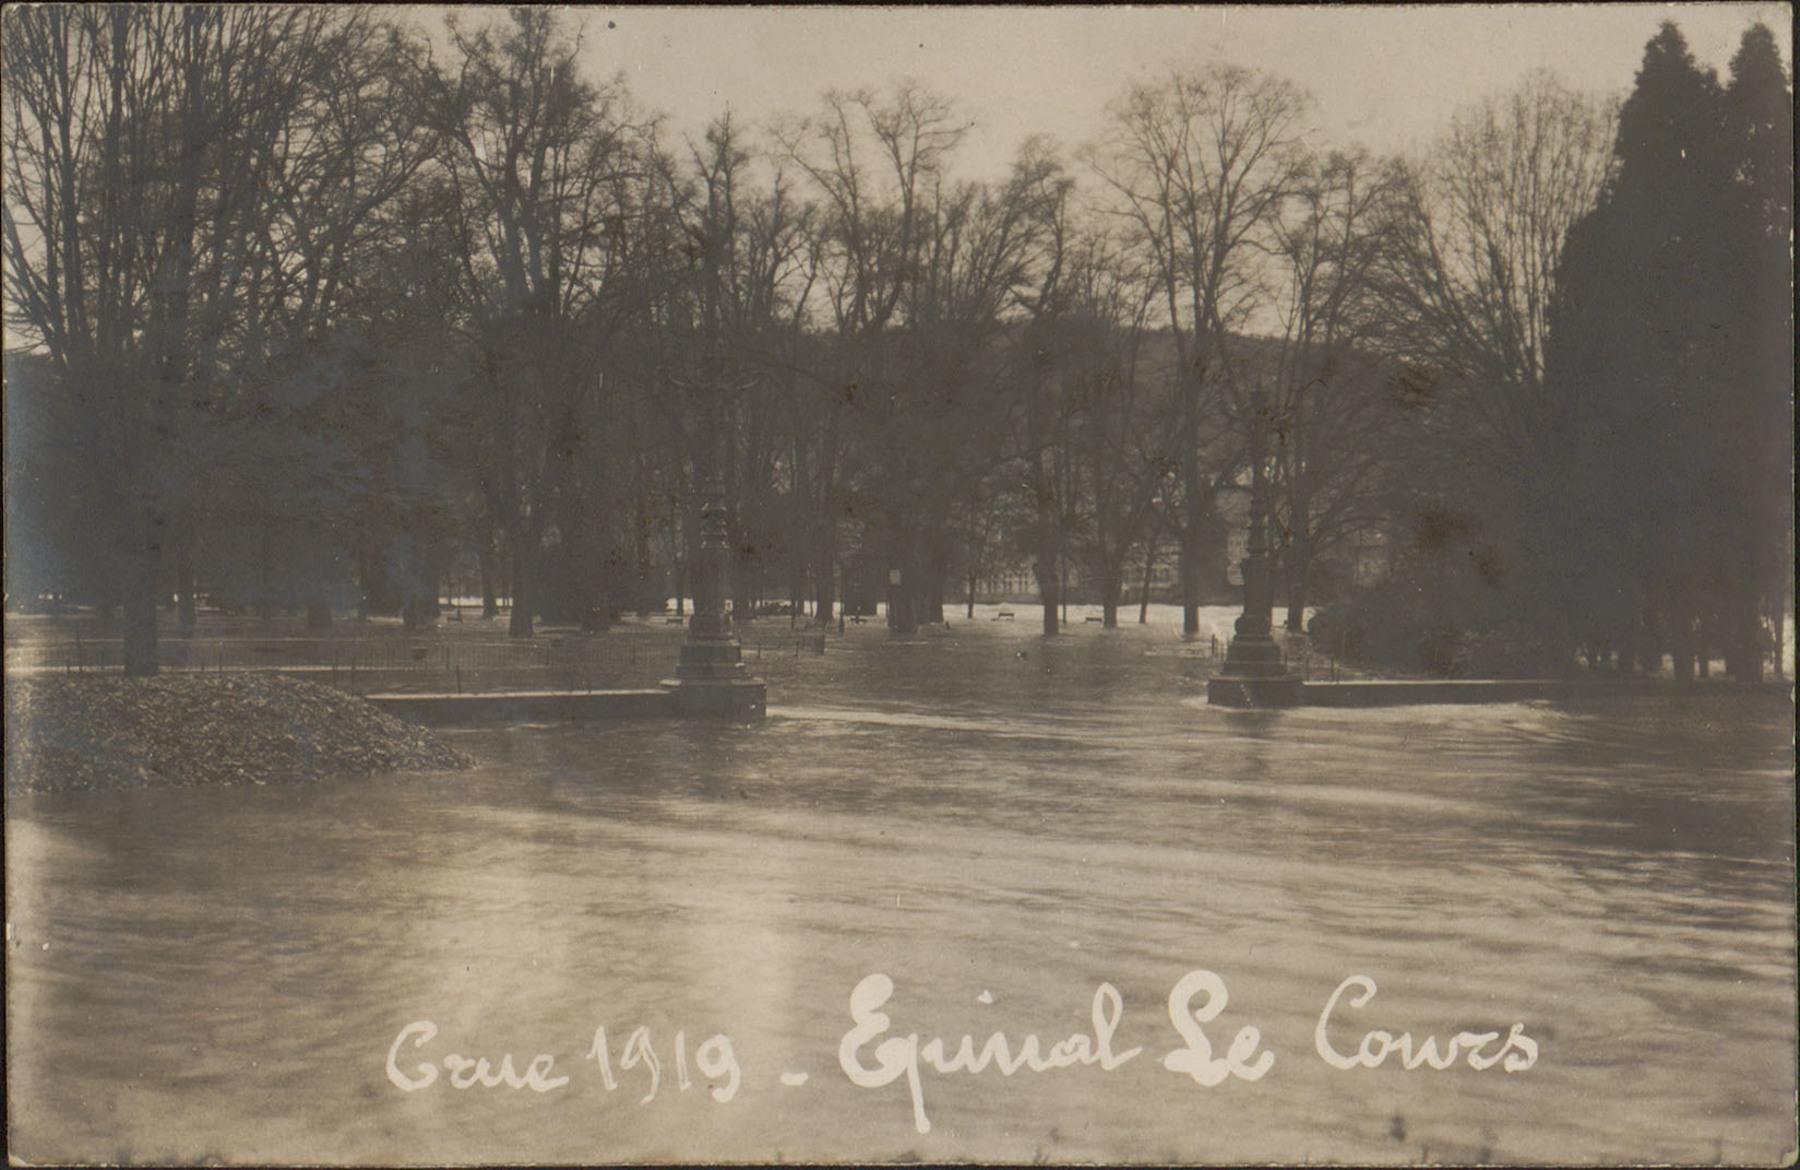 Contenu du Crue 1919, Épinal, Le Cours